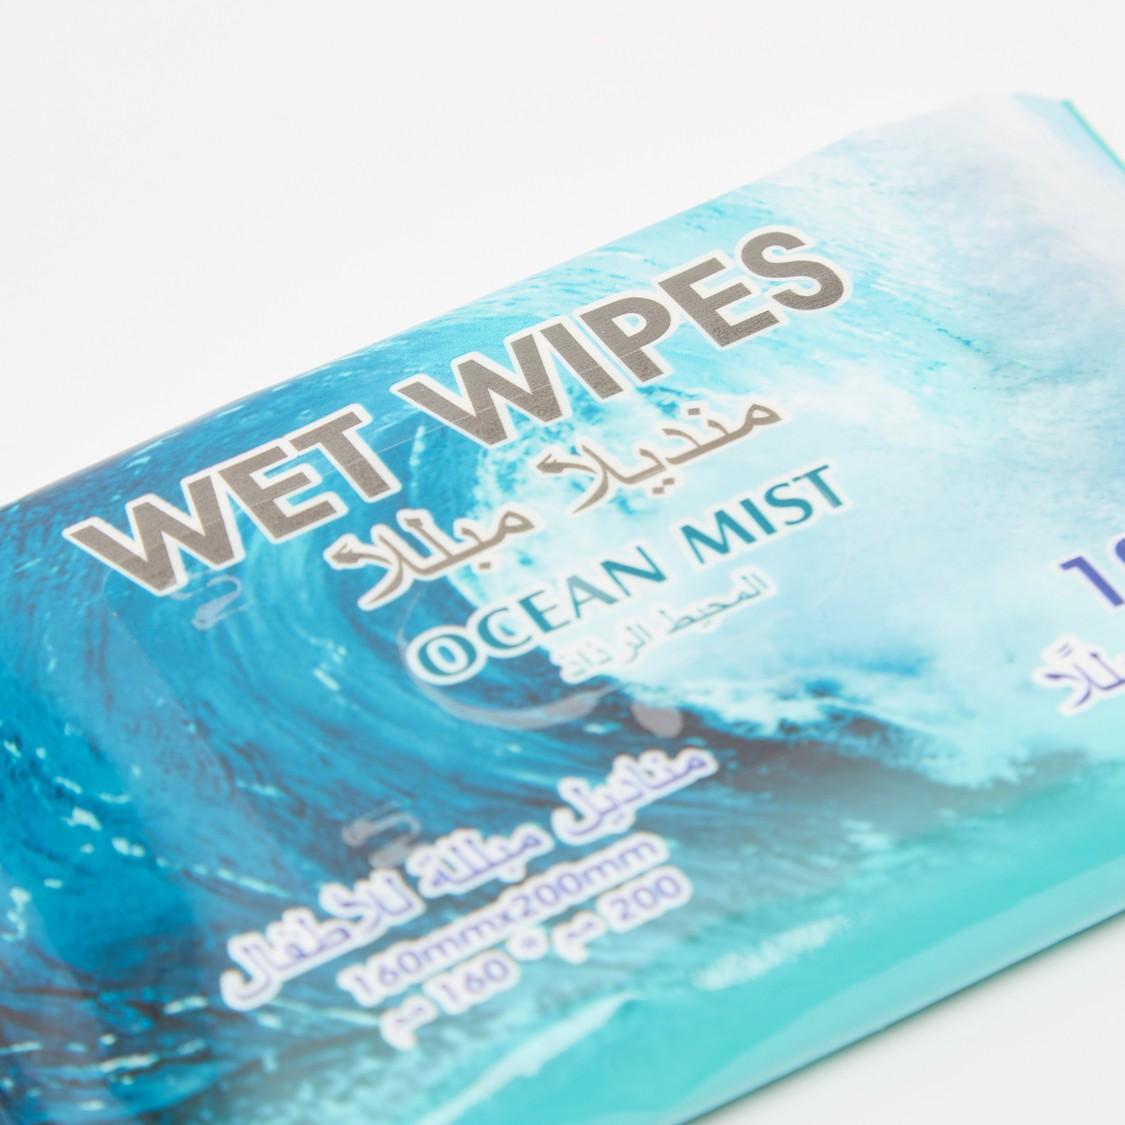 Pack of 8 - Wet Wipes Ocean Mist